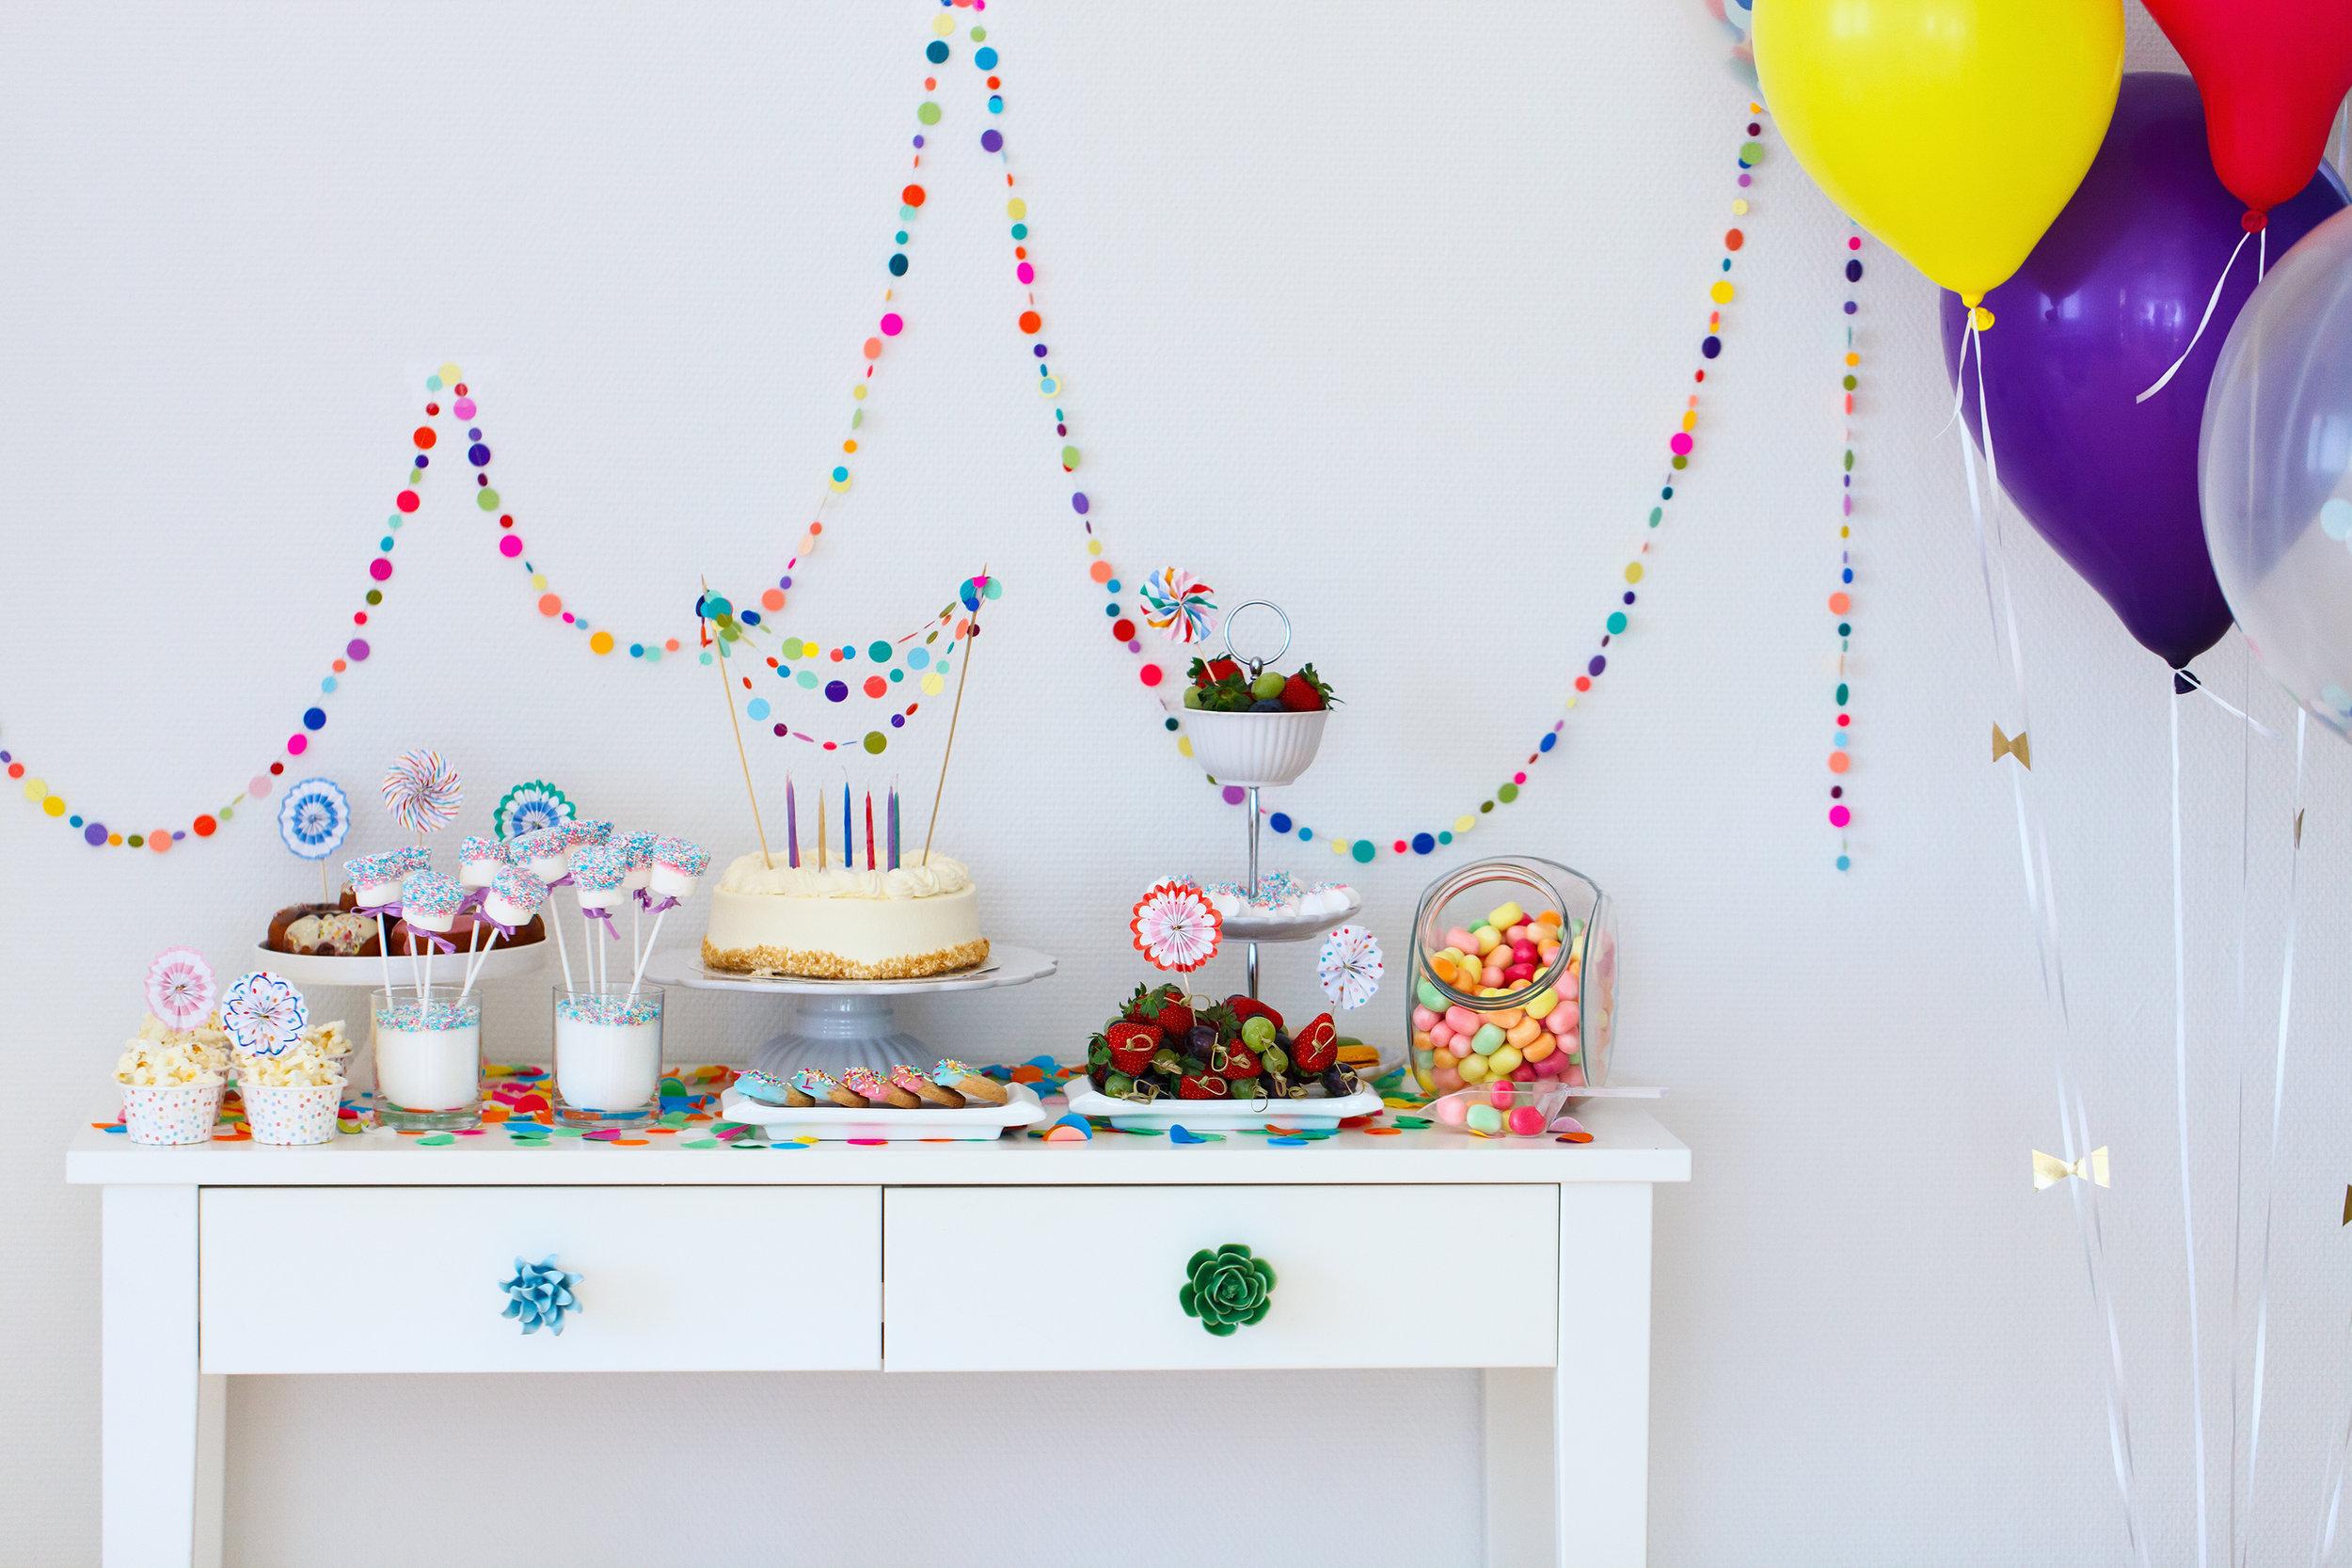 Anniversaire Gâteau Sucreries Gommes Ballons Hubert Cormier Nutritionniste Nutrition